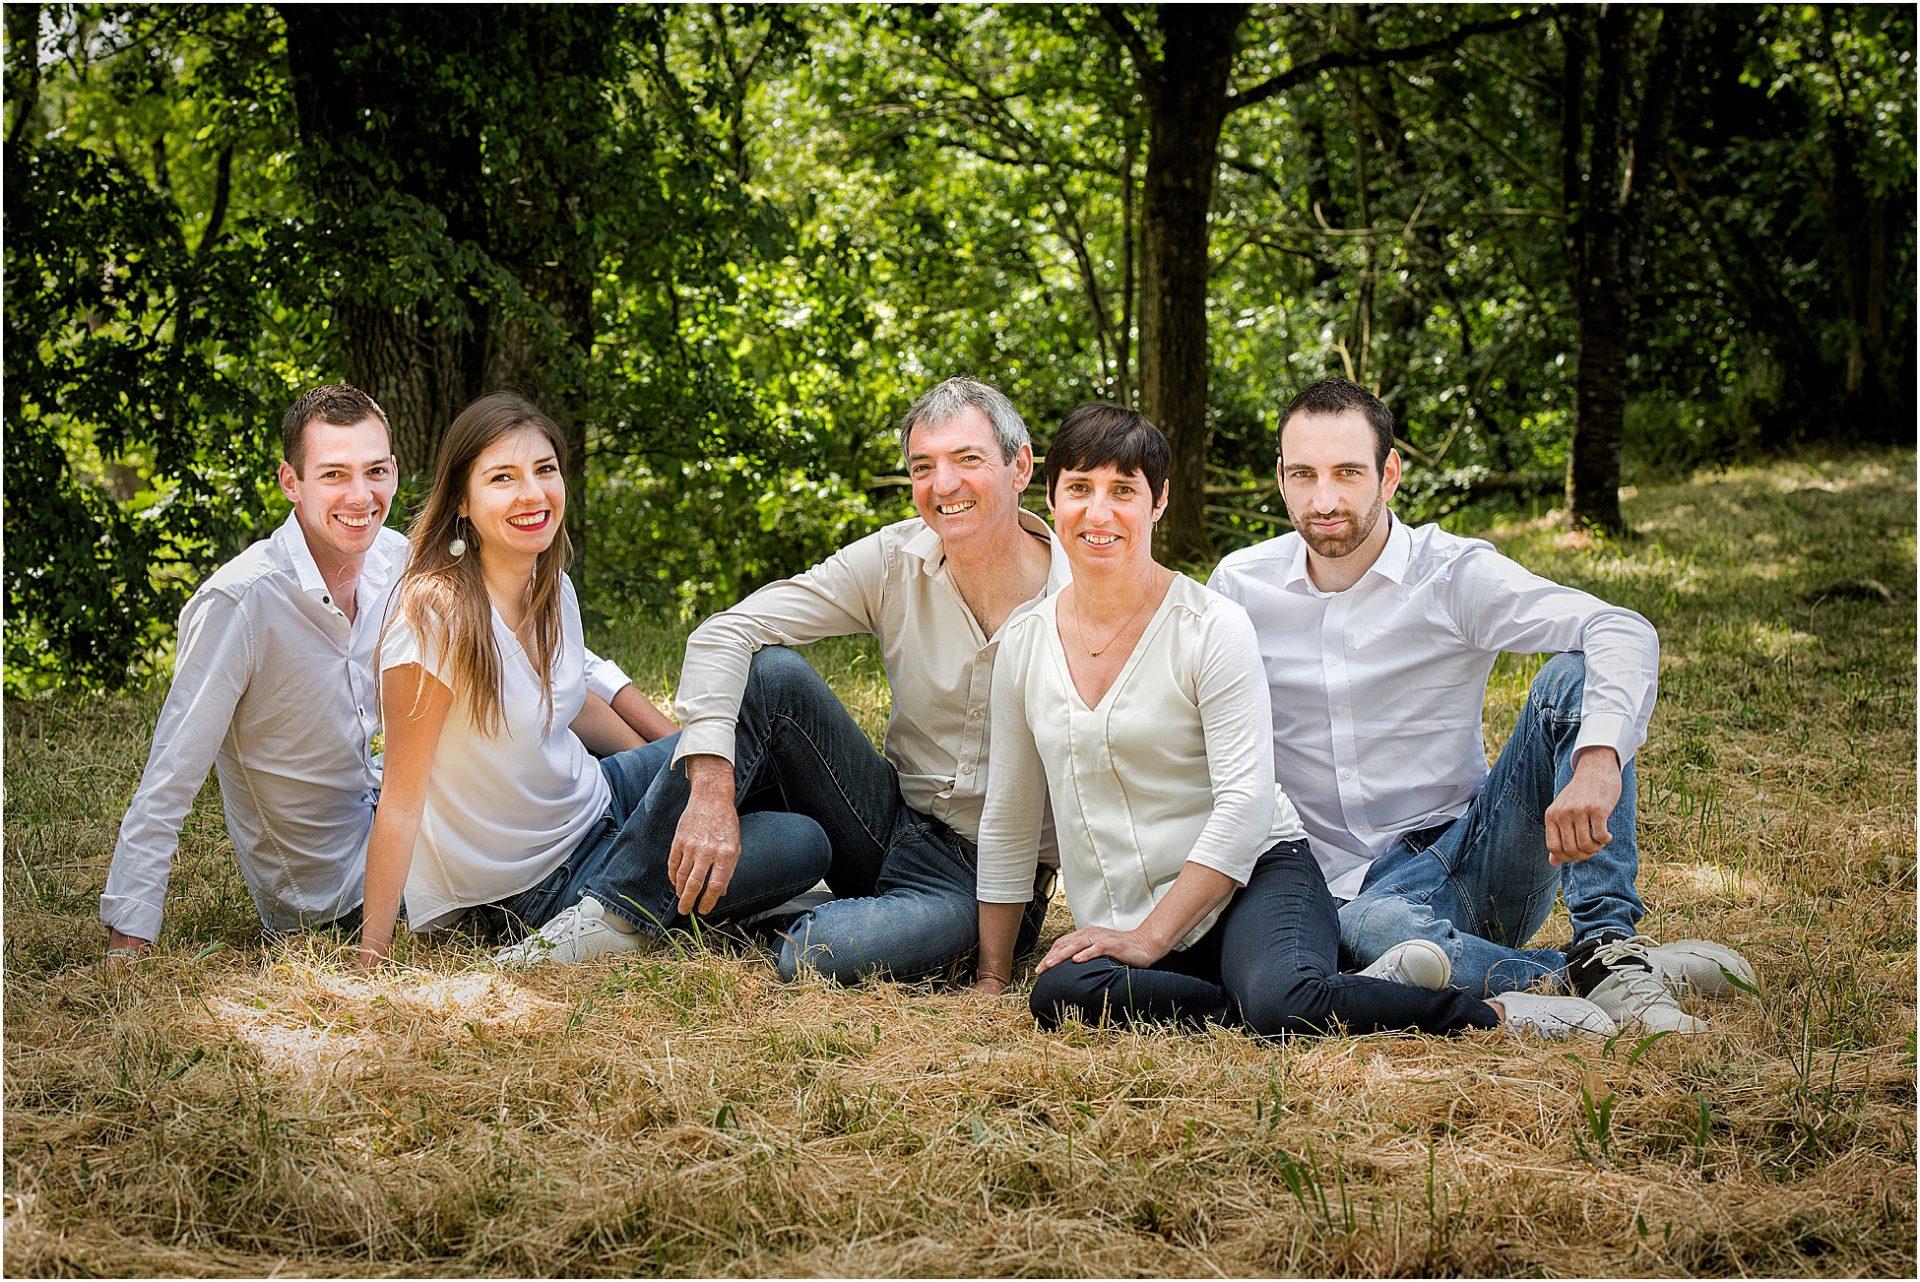 Photographe de portrait de famille